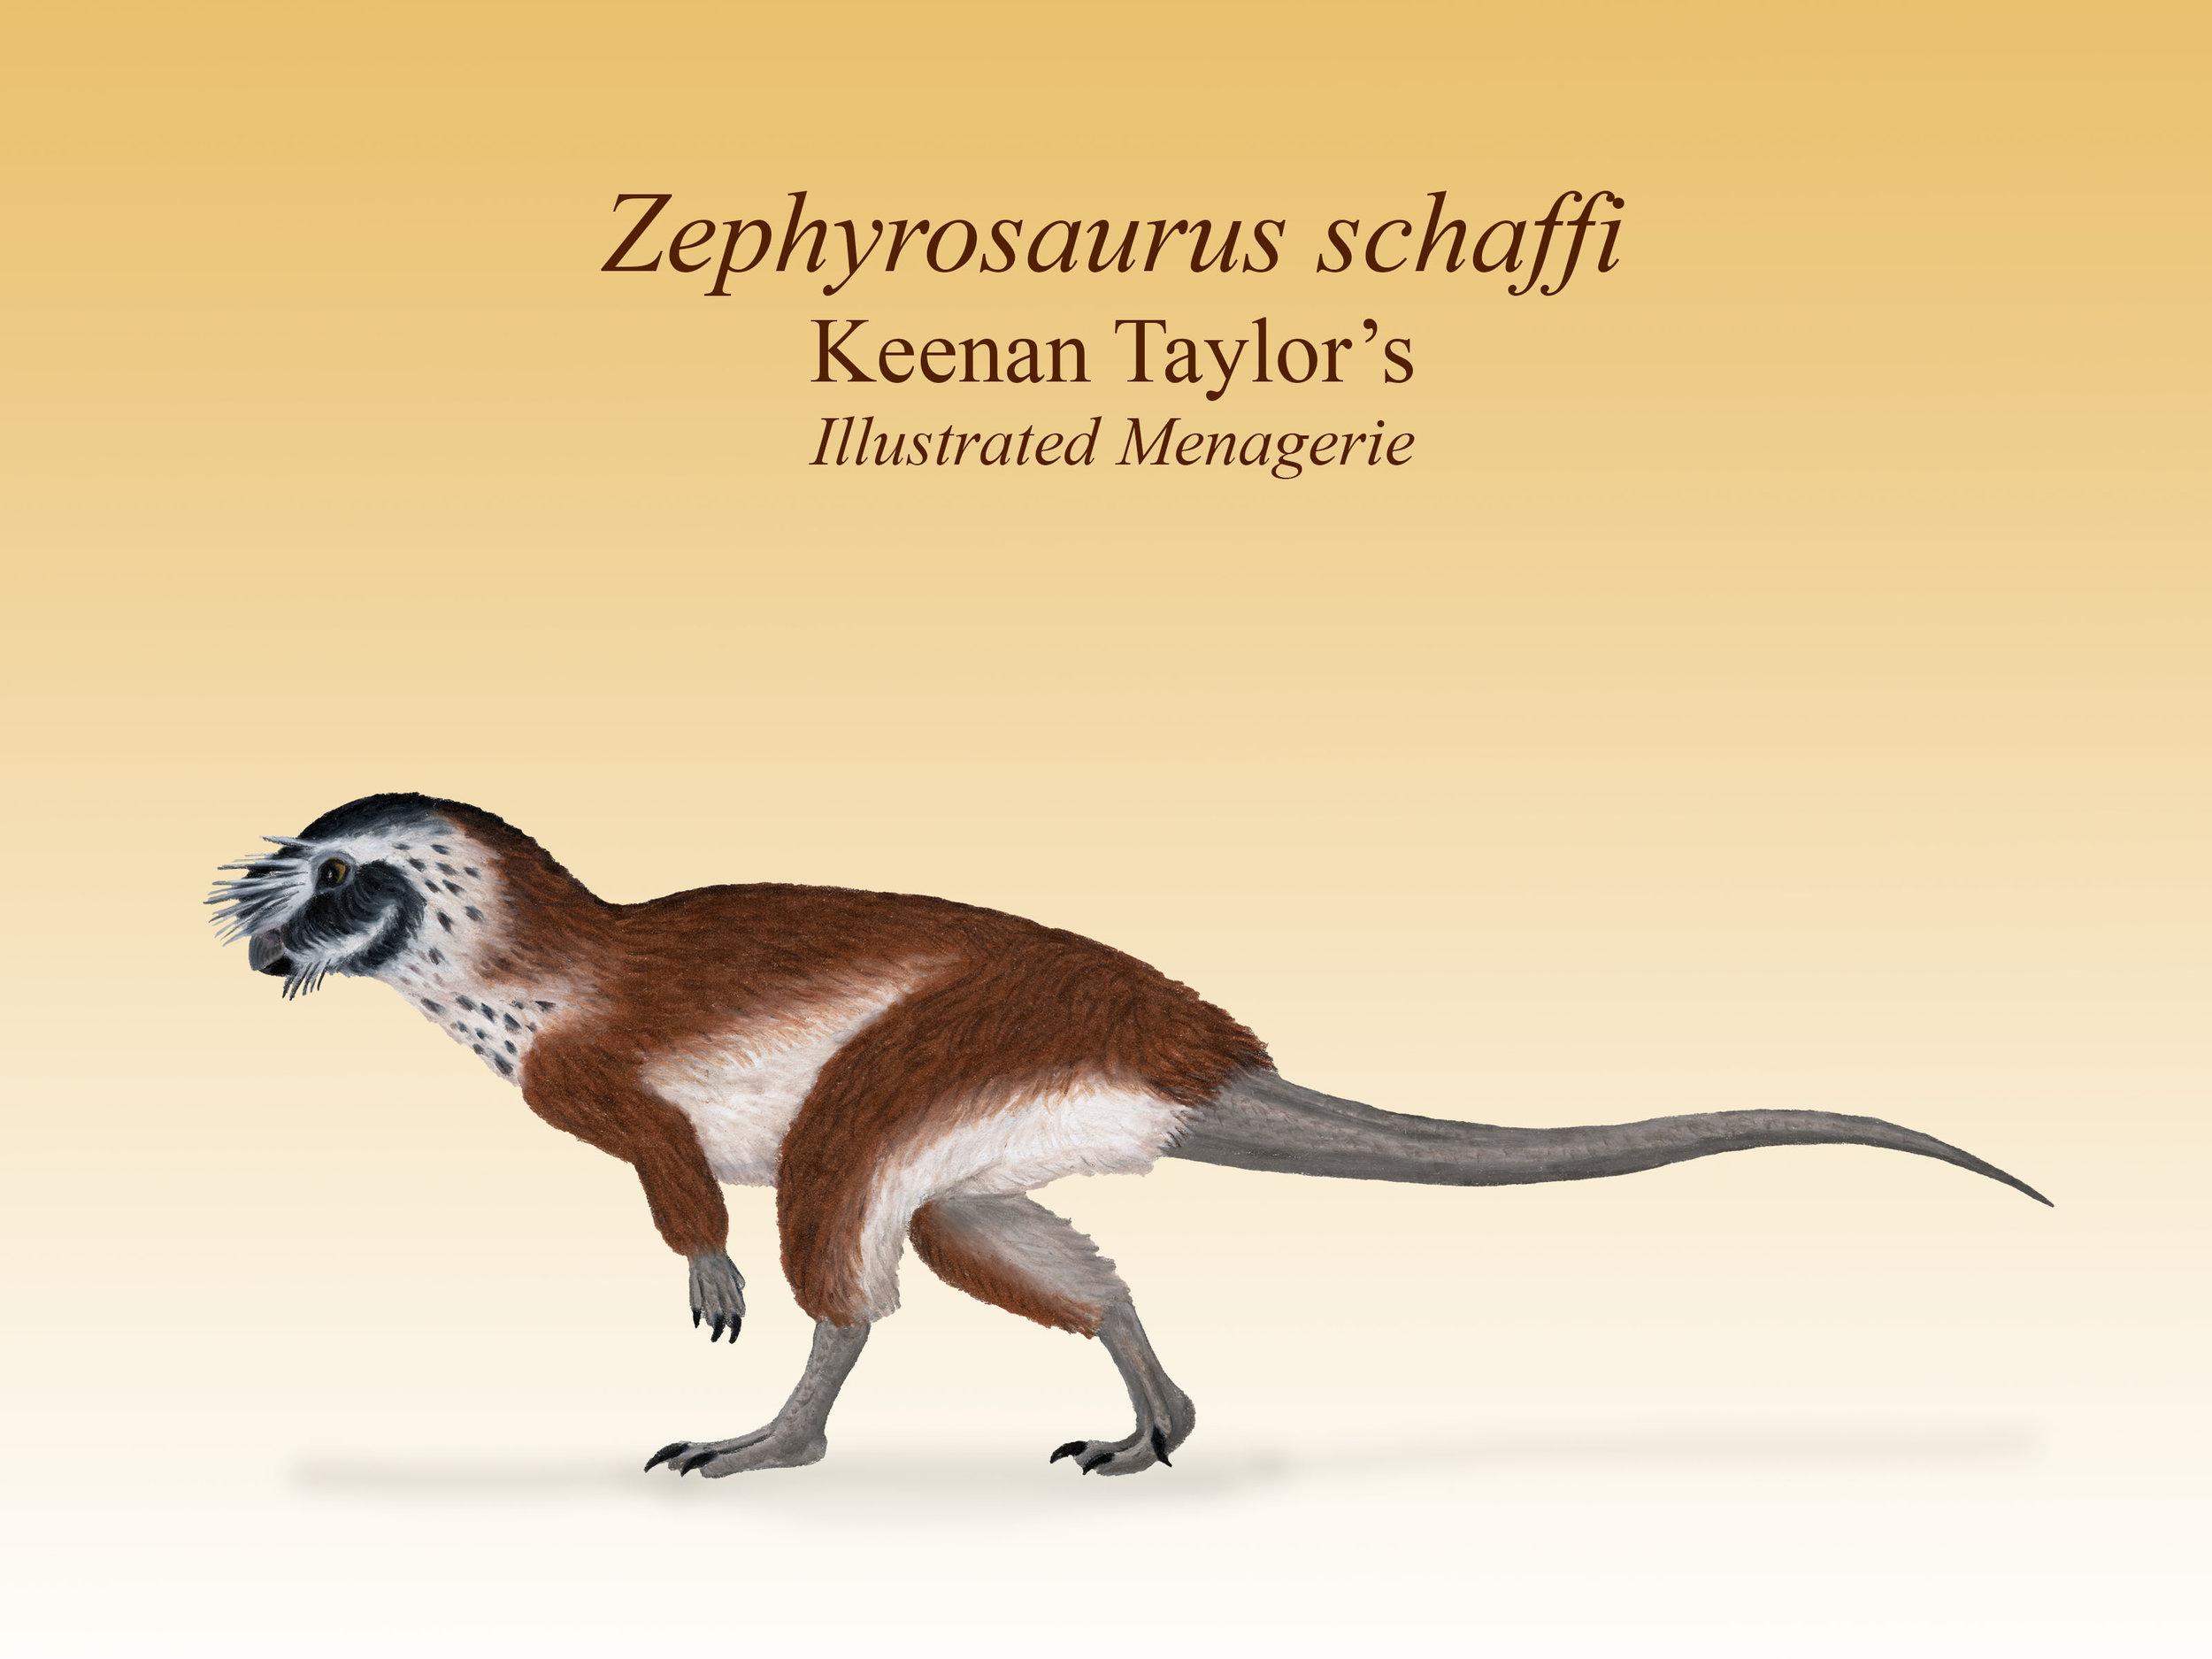 Zephyrosaurus lateral